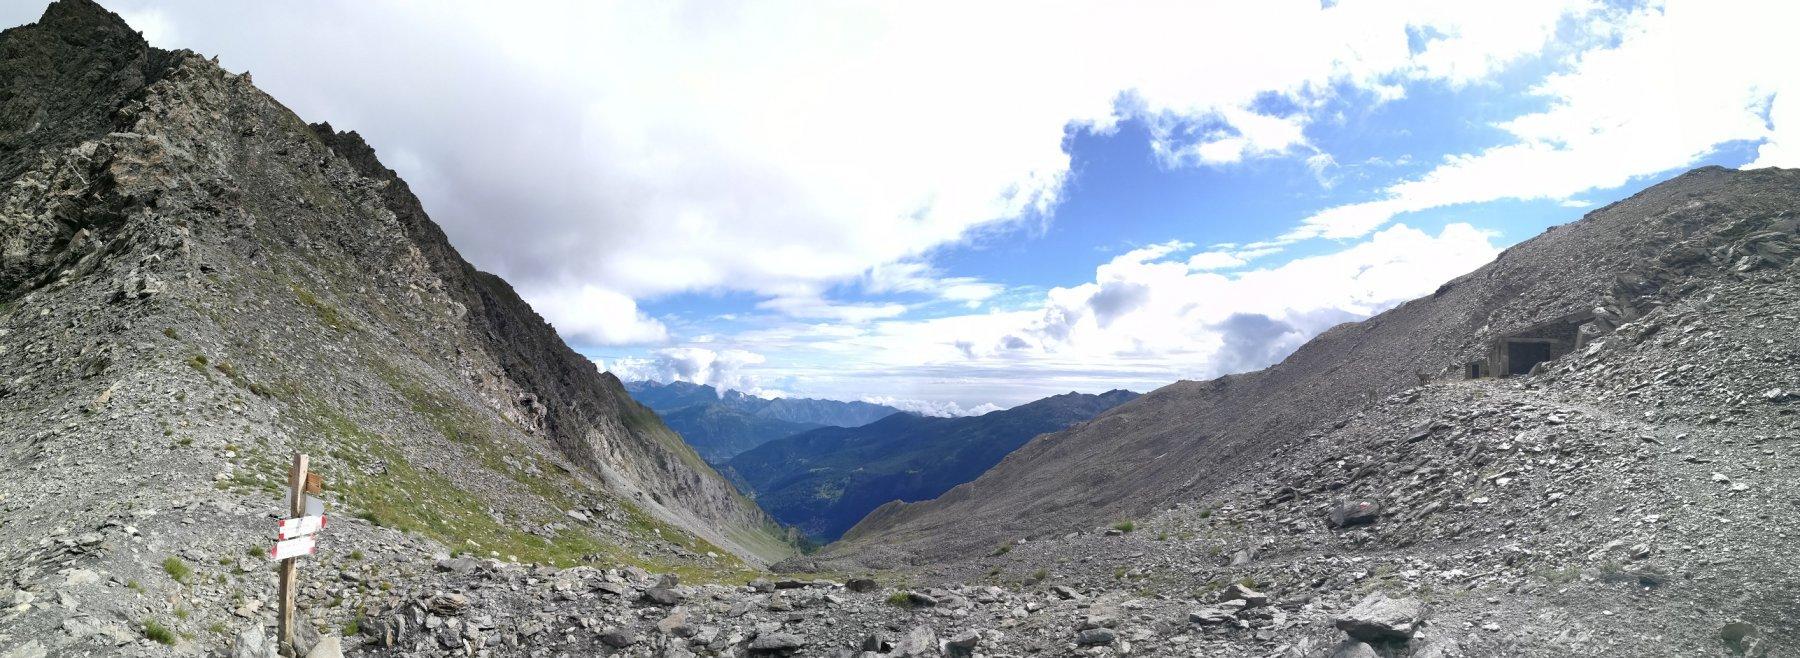 Panorama dal Passo della Longia verso Prali